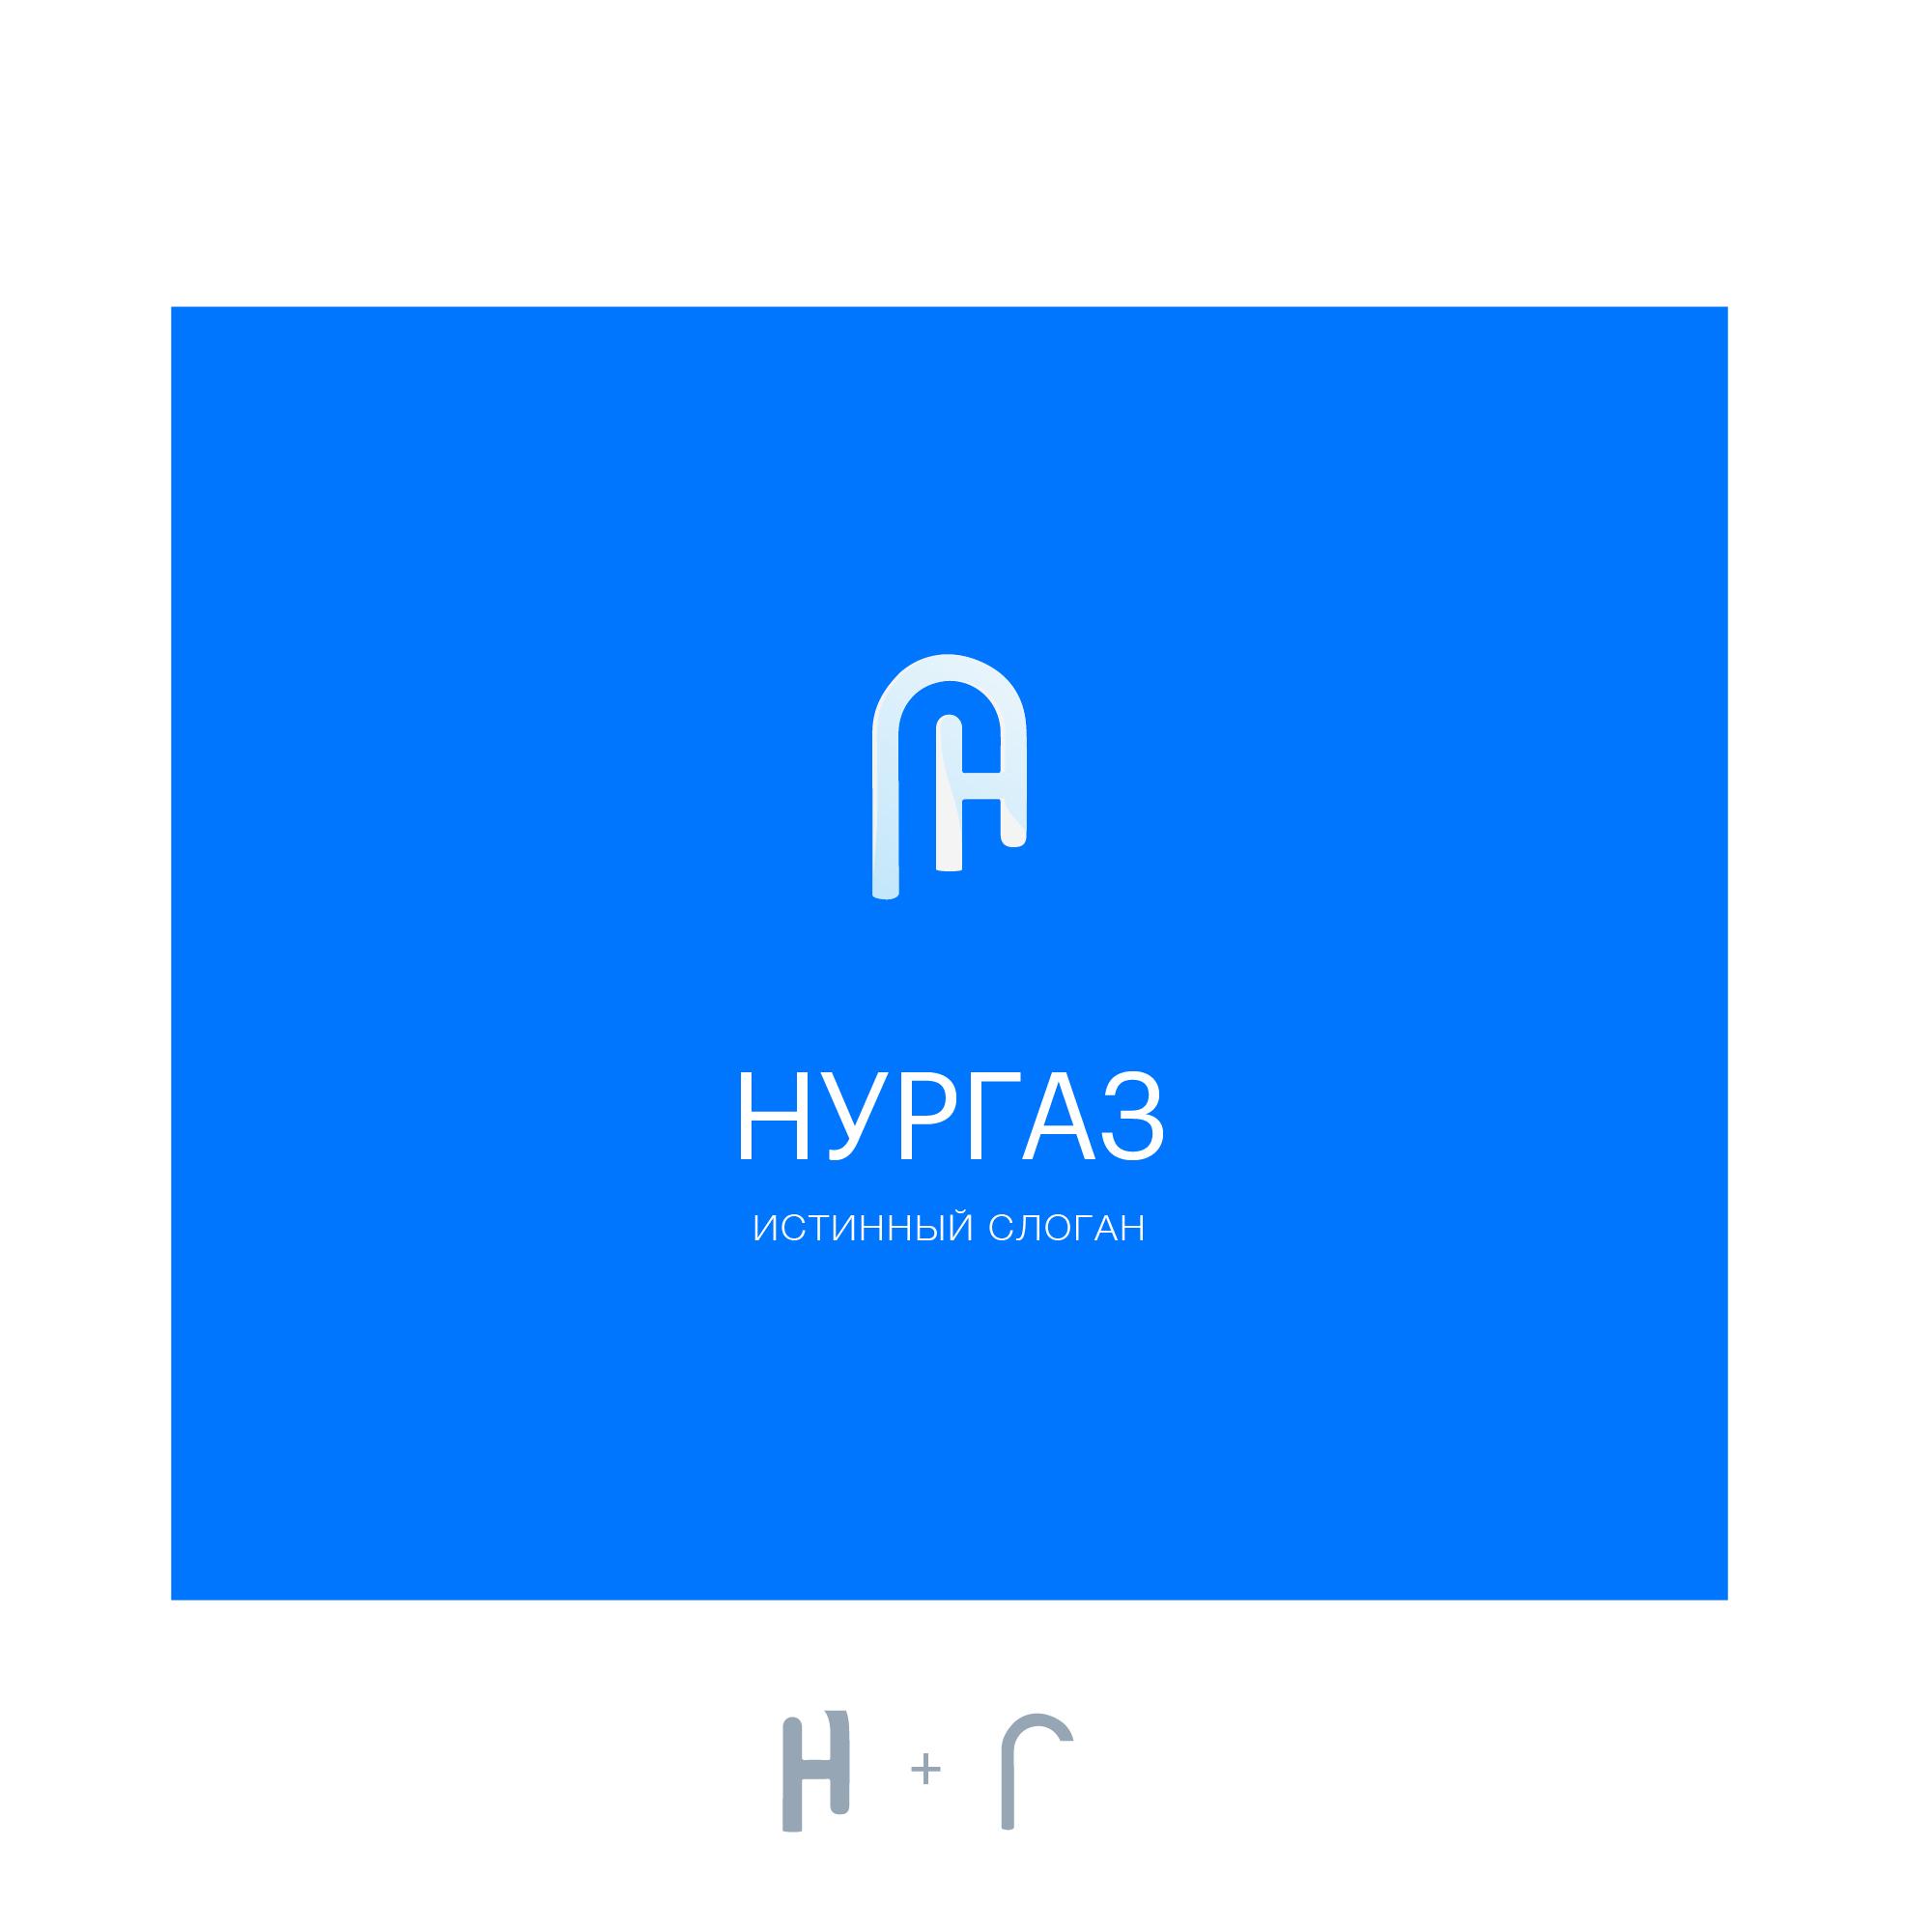 Разработка логотипа и фирменного стиля фото f_2355da1d97674484.jpg